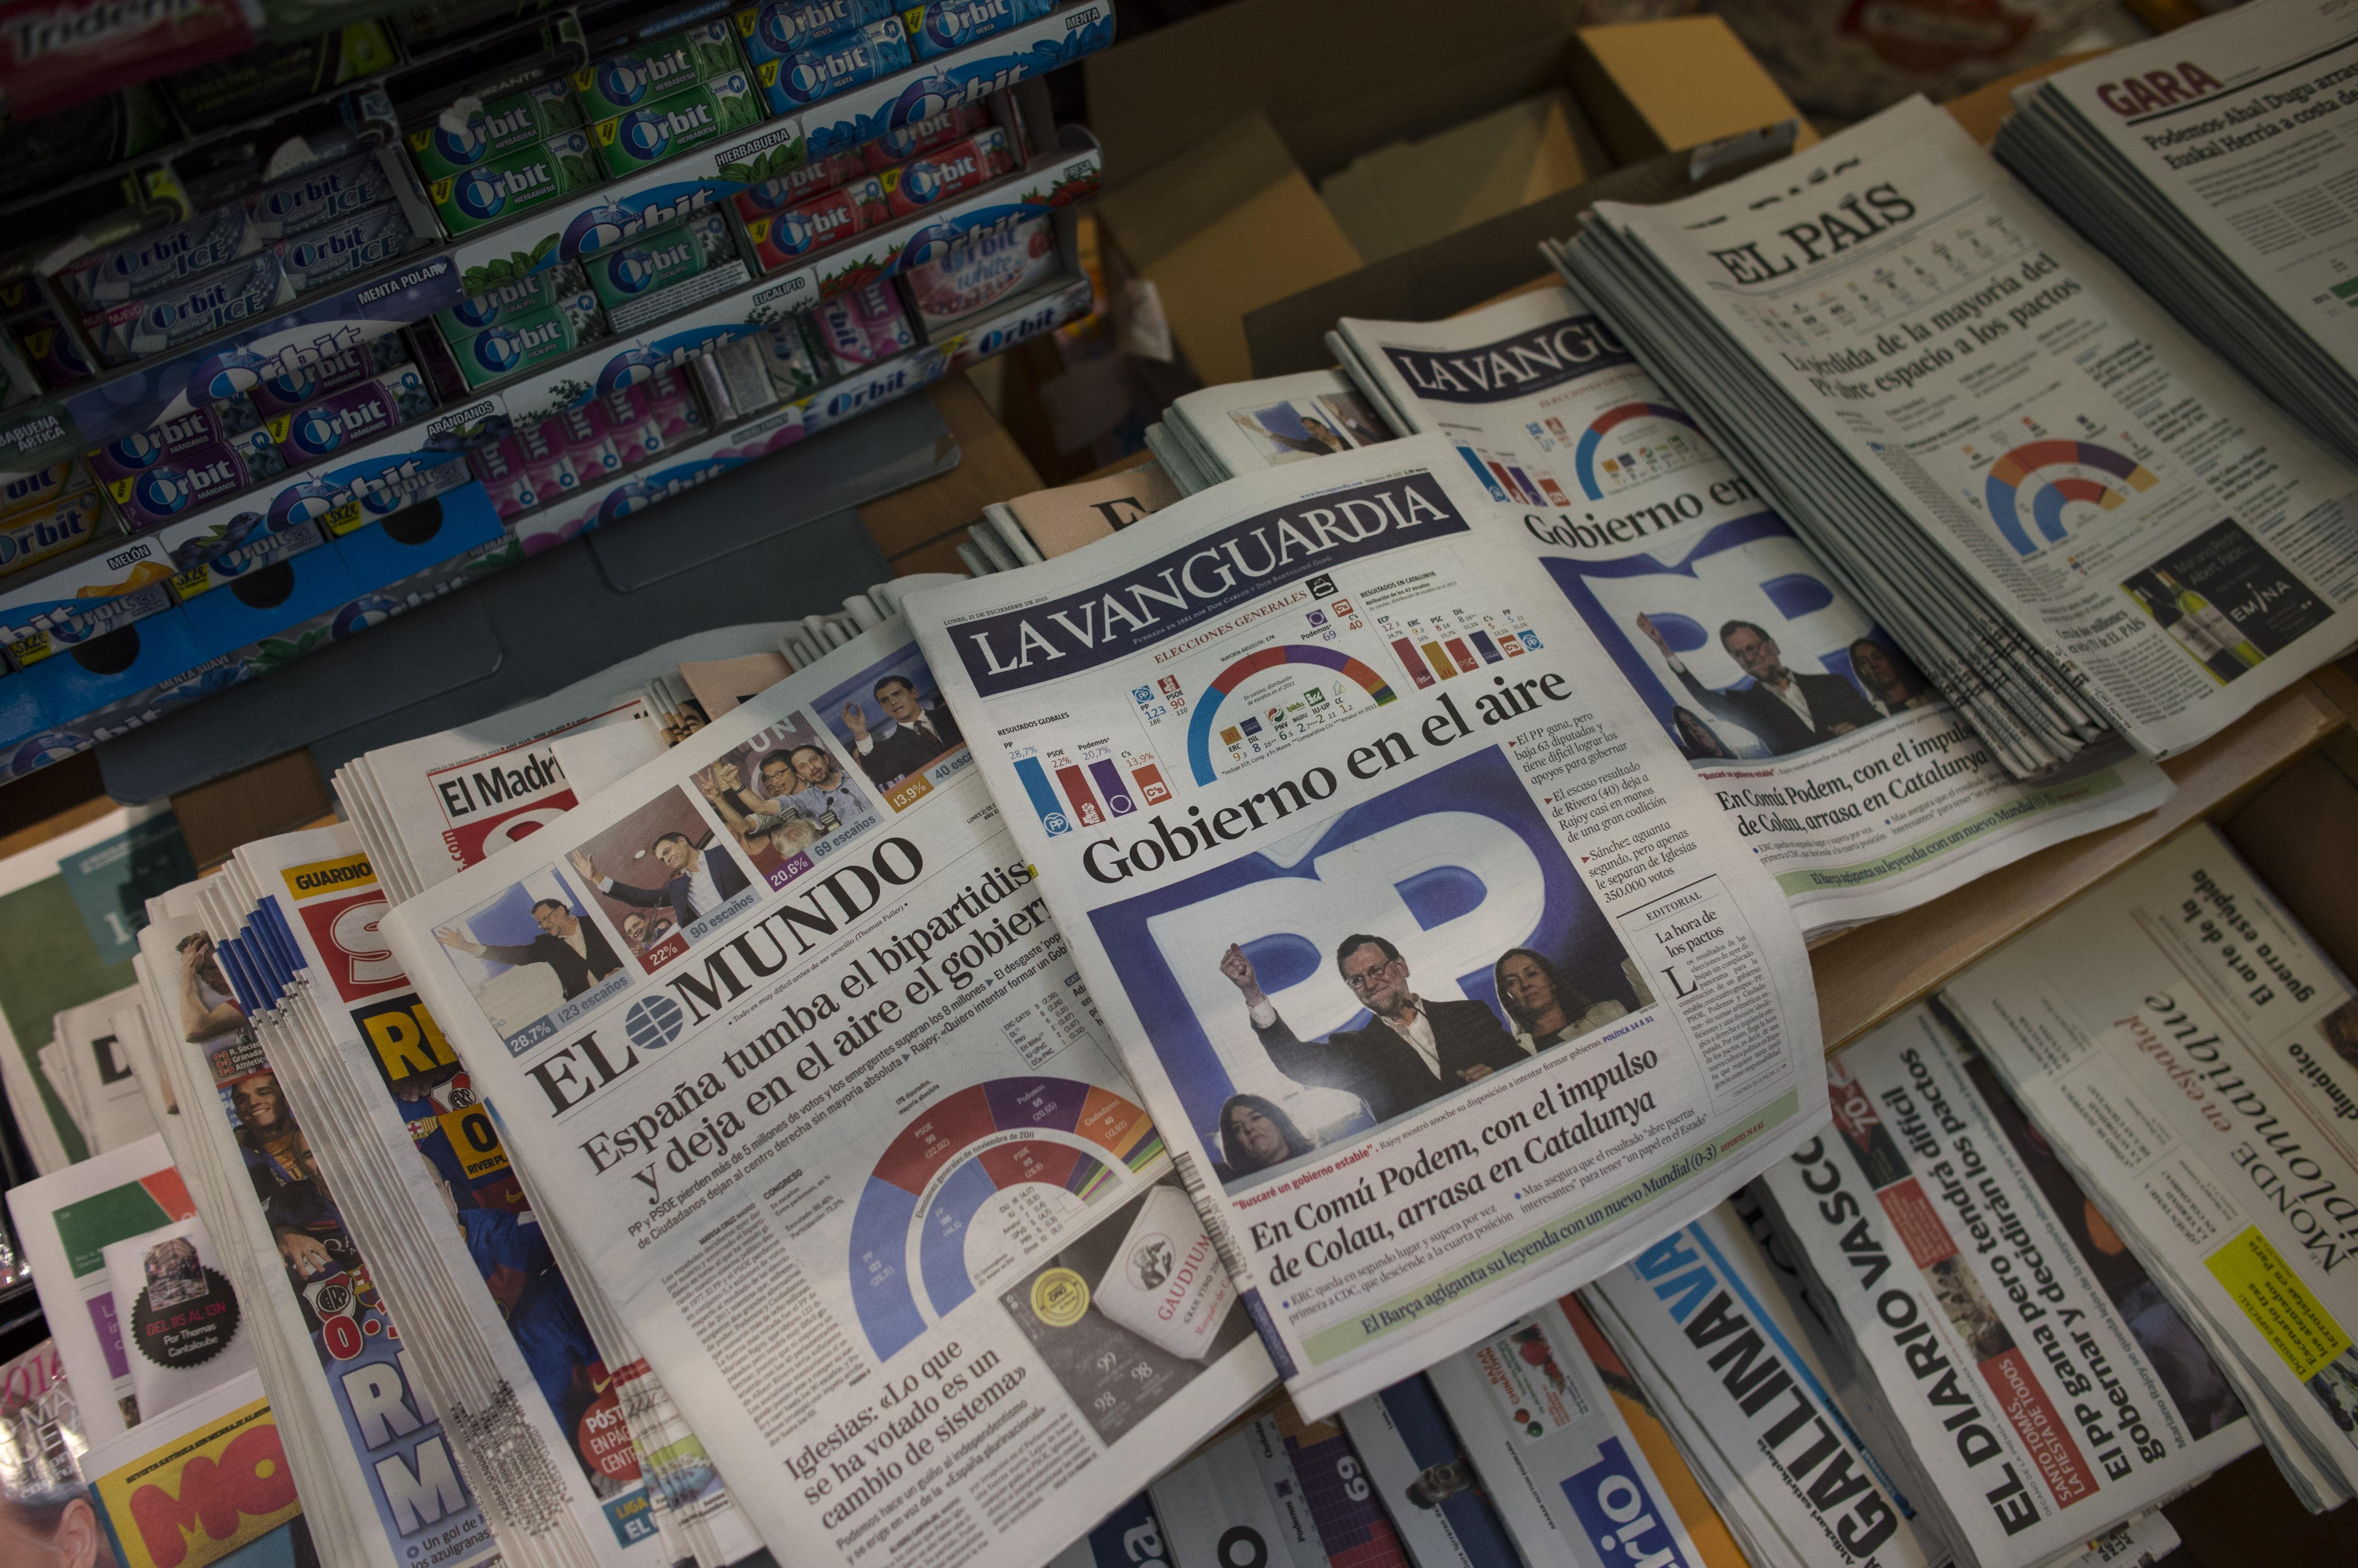 СМИ Испании: Россия засветилась в американской предвыборной гонке